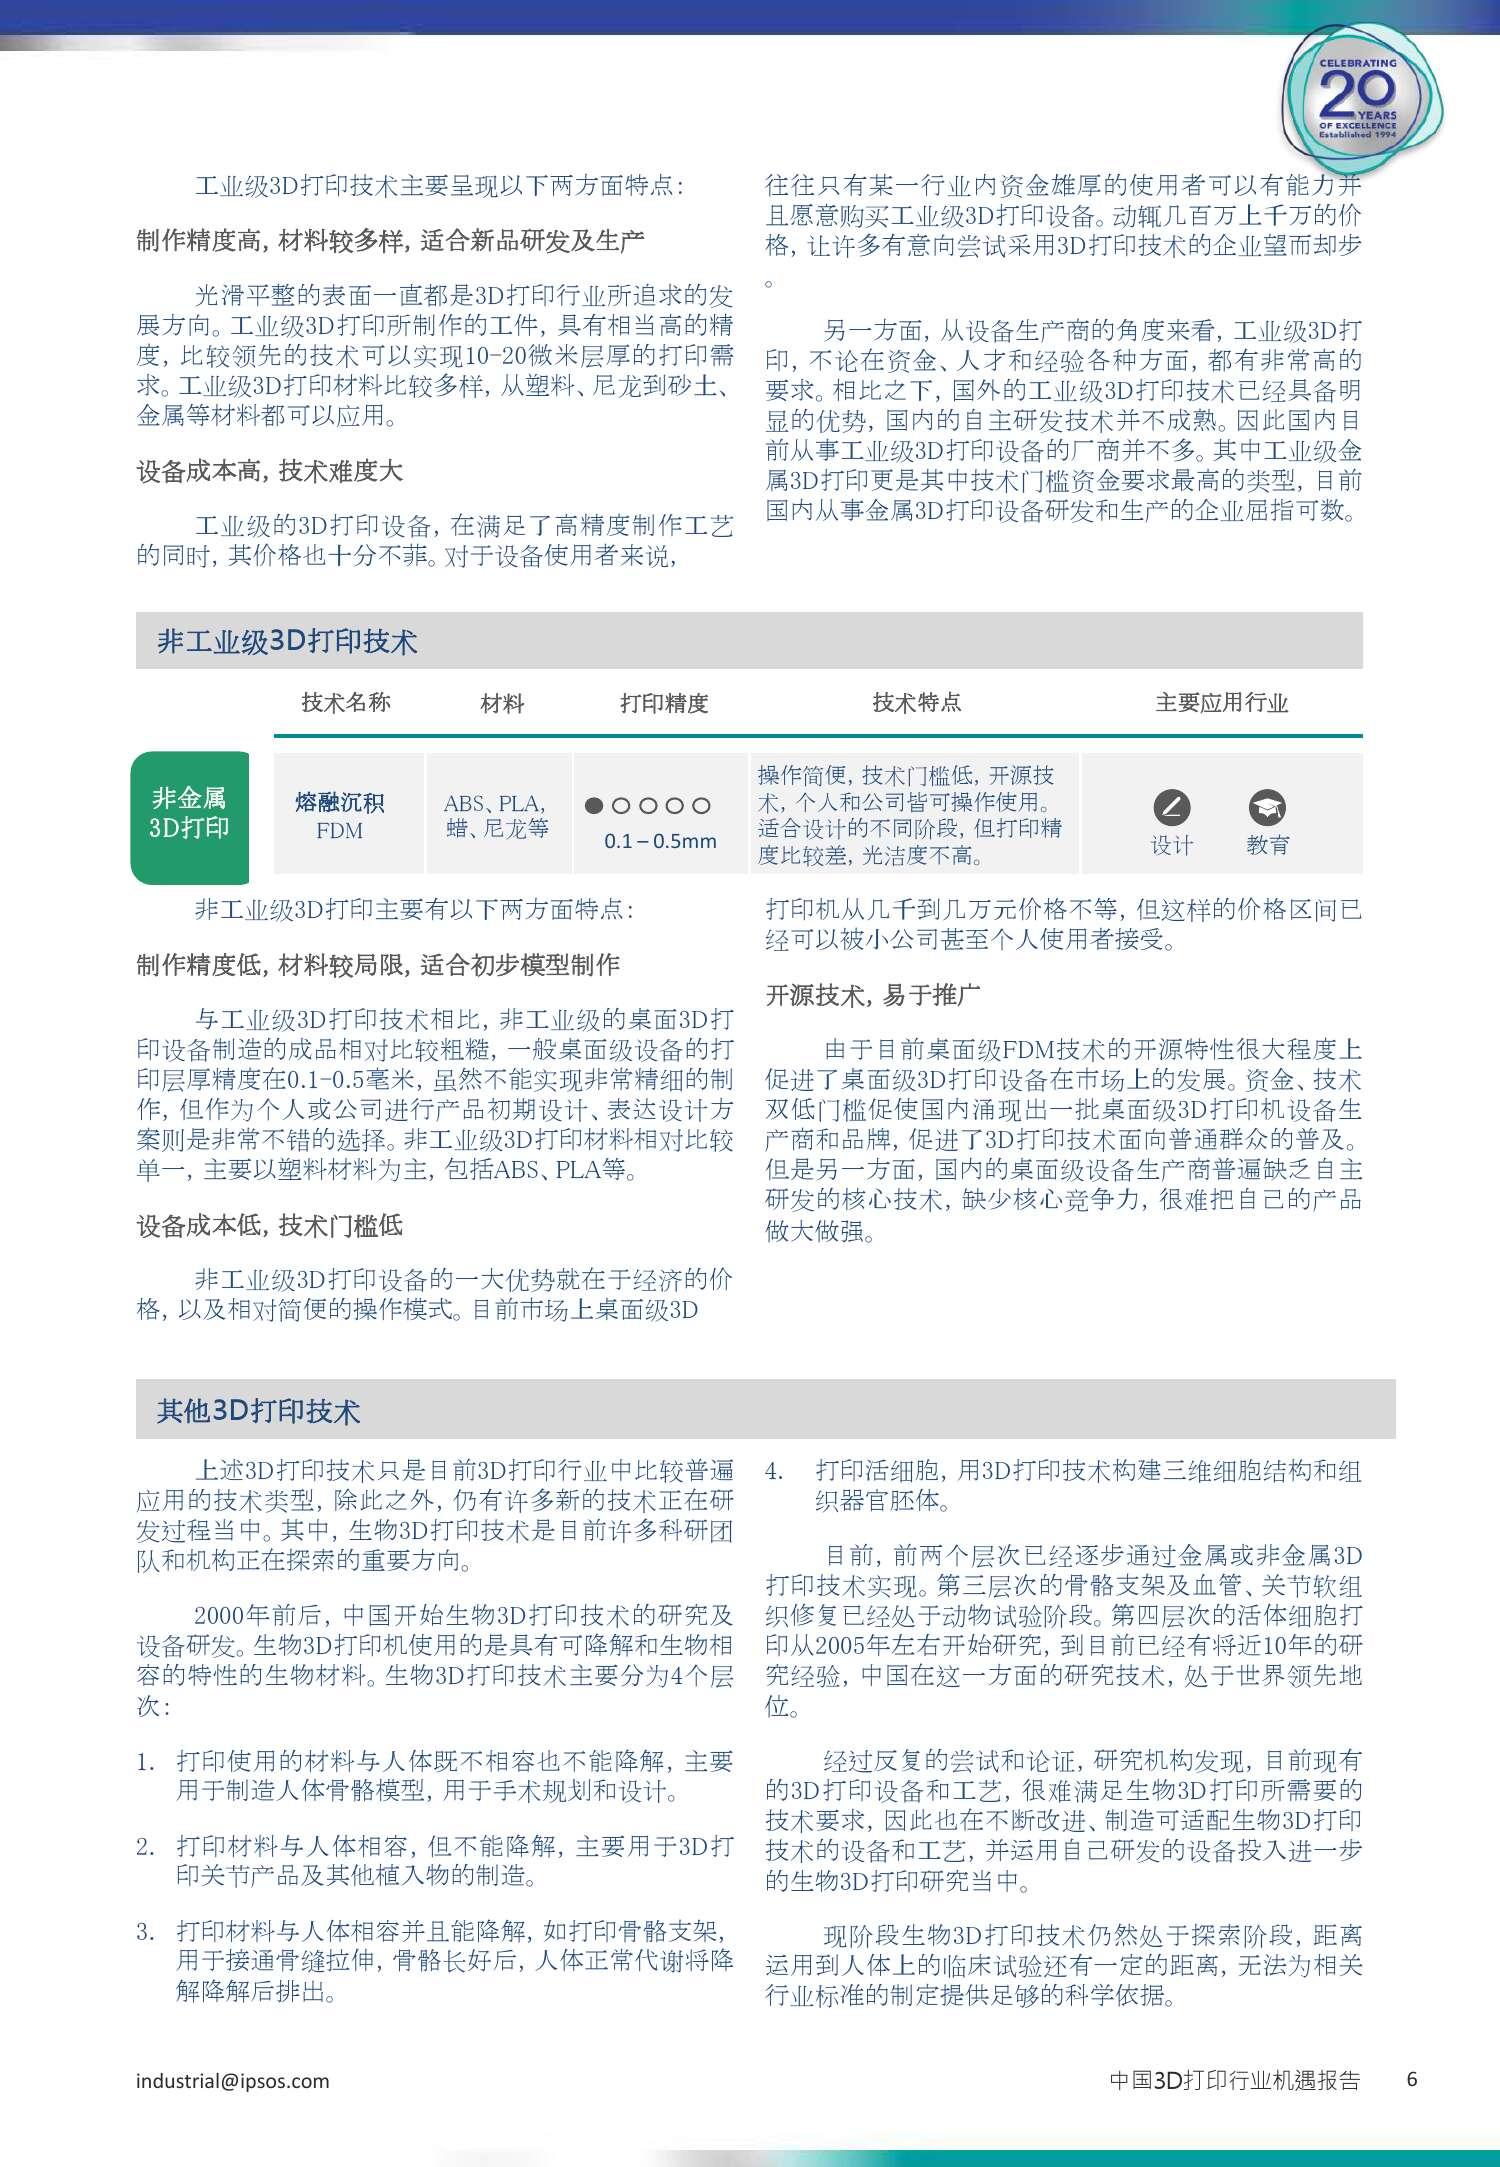 3D打印行业机遇报告_000006